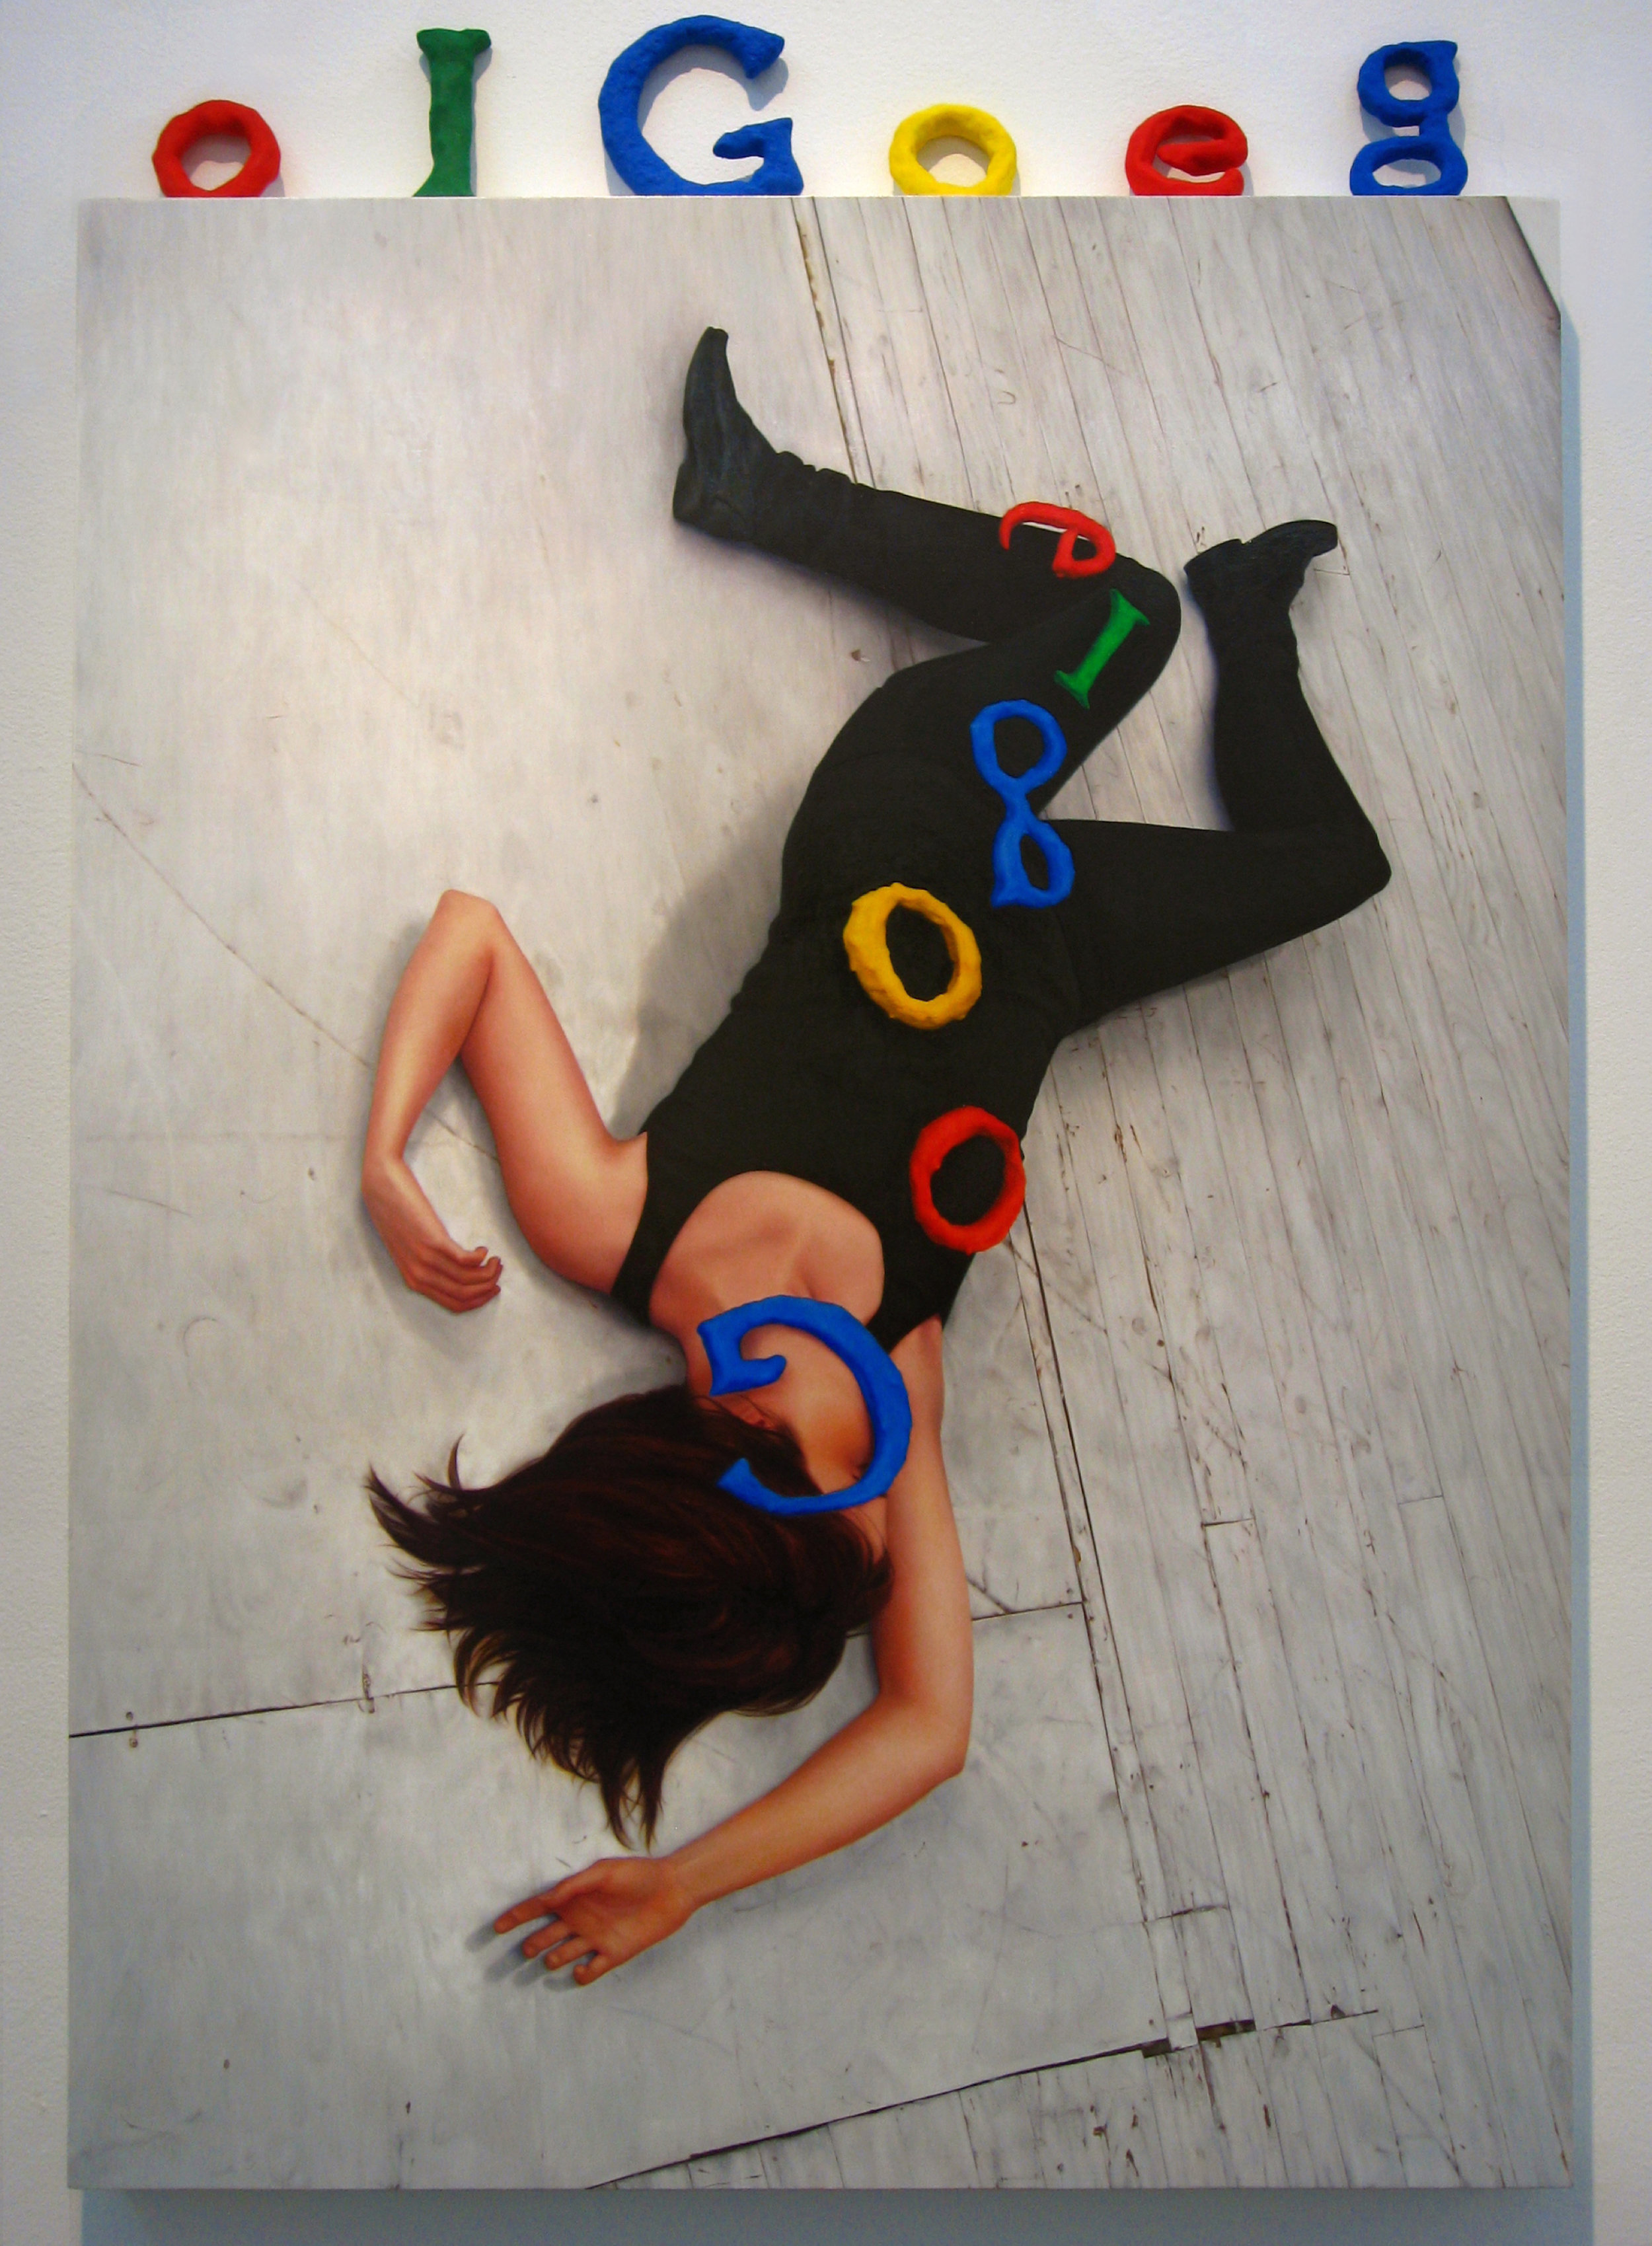 Google-olGoeg